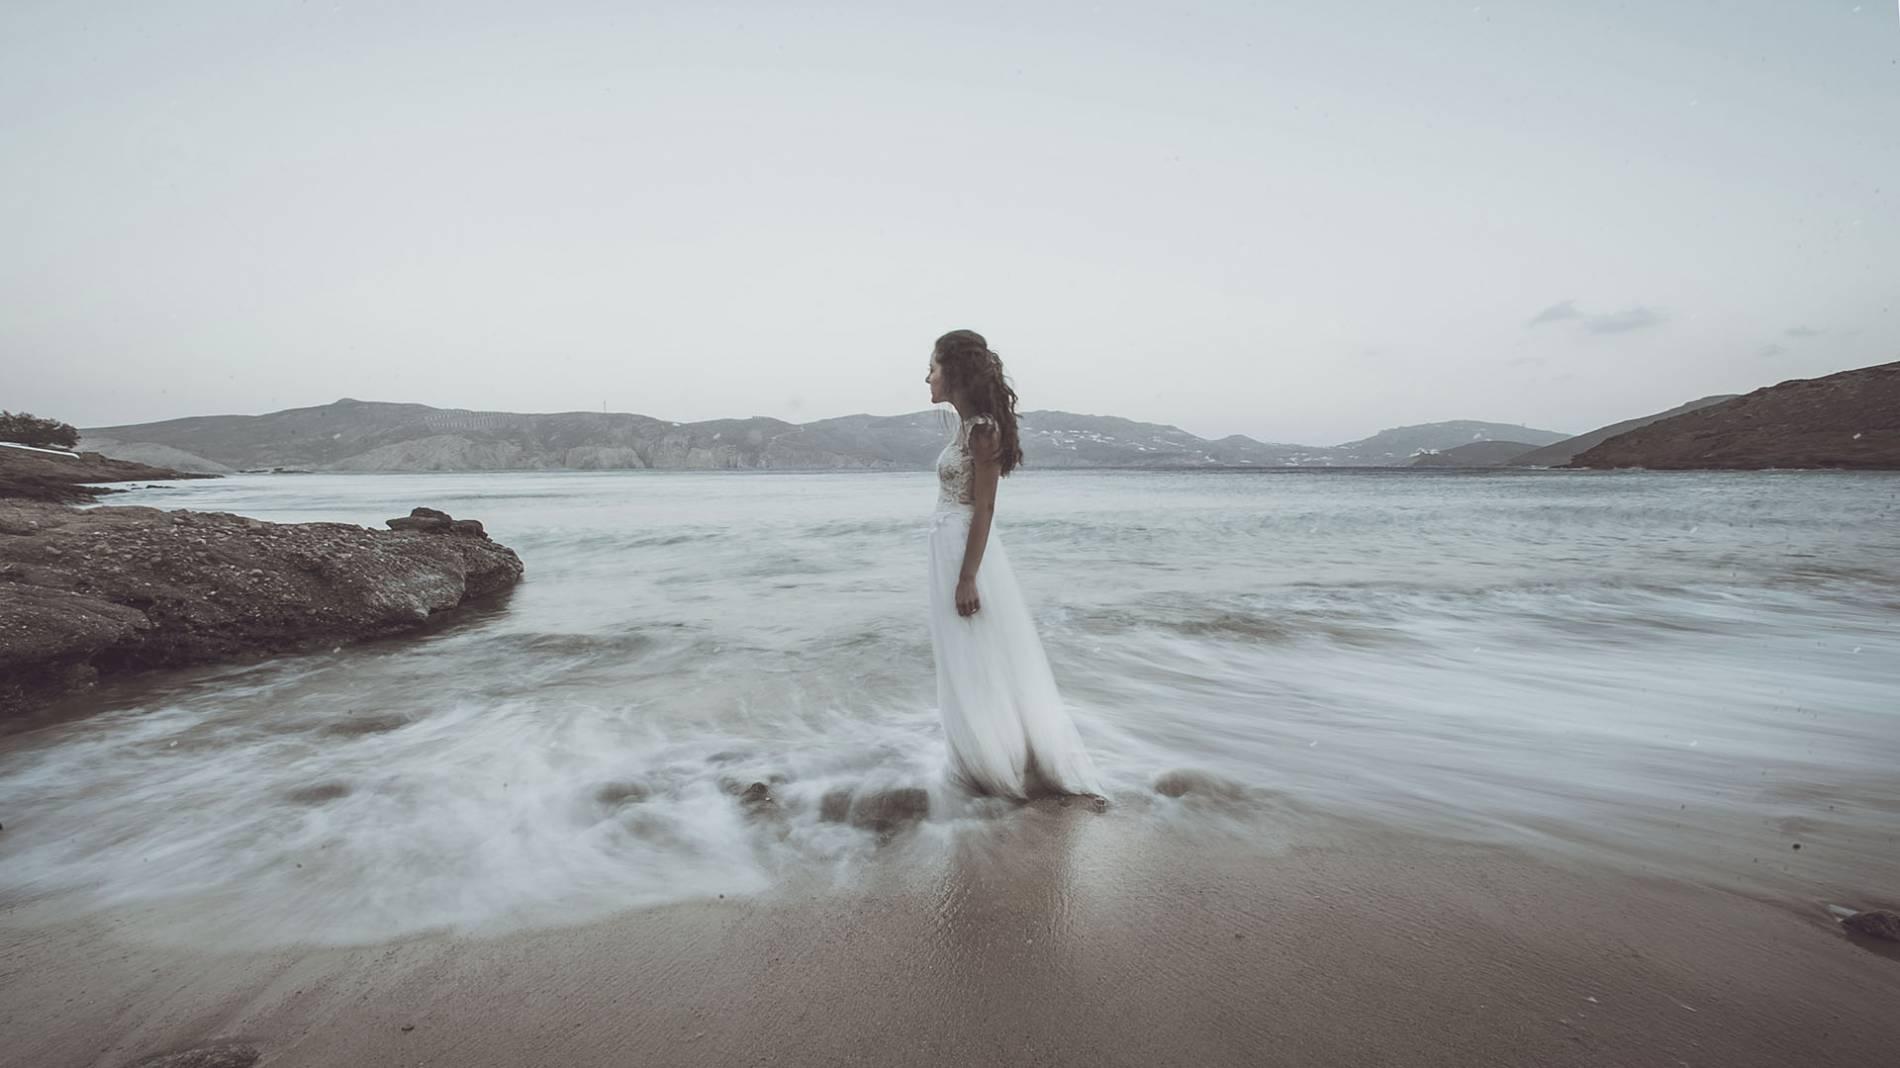 φωτογράφηση γάμου στη Μύκονο | wedding photographer in Mykonos